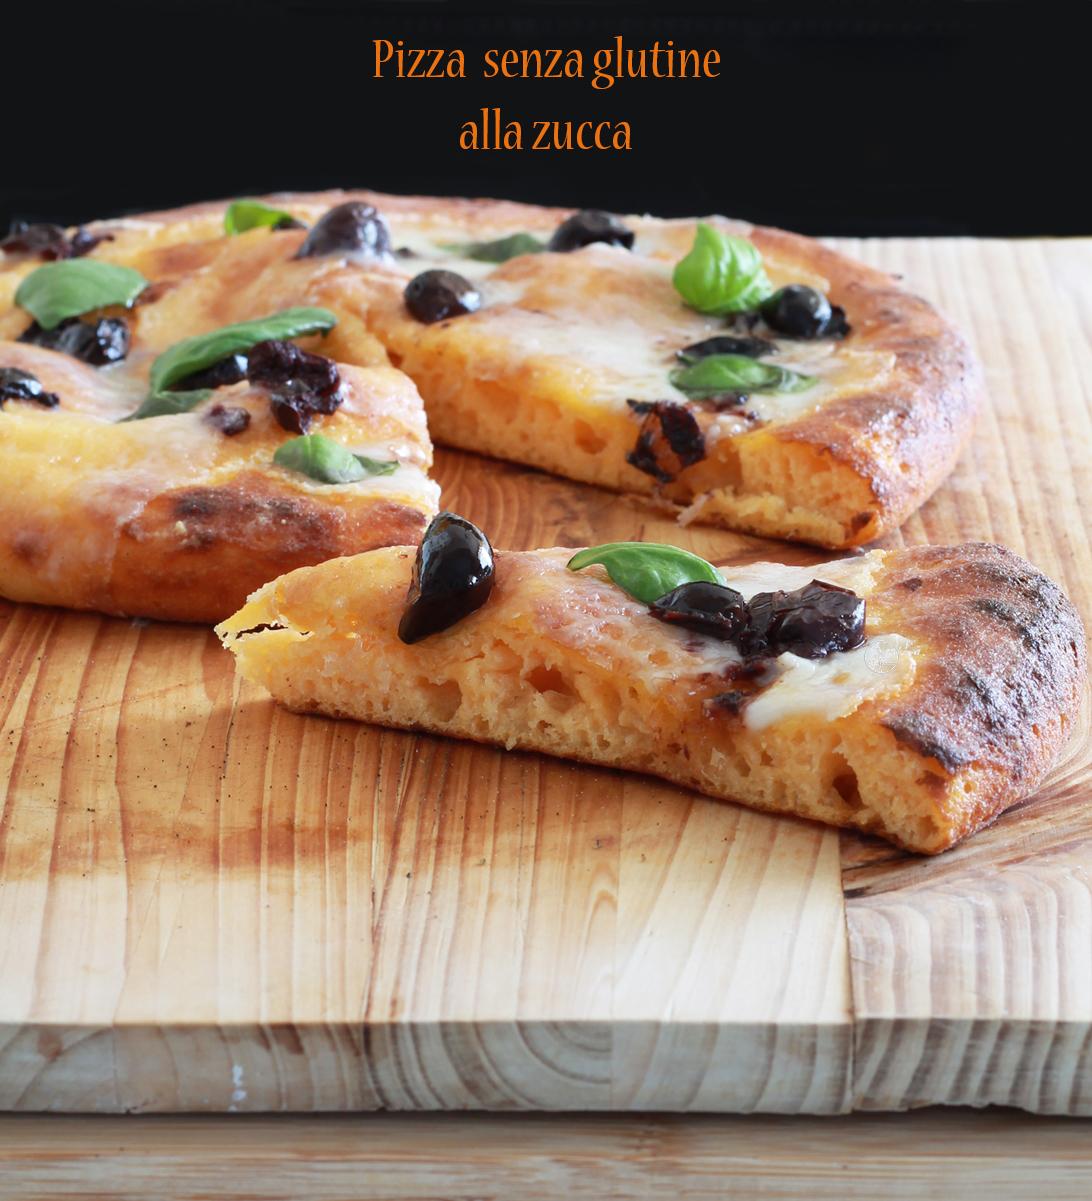 Pizza alla zucca senza glutine con caprino e olive nere - La Cassata